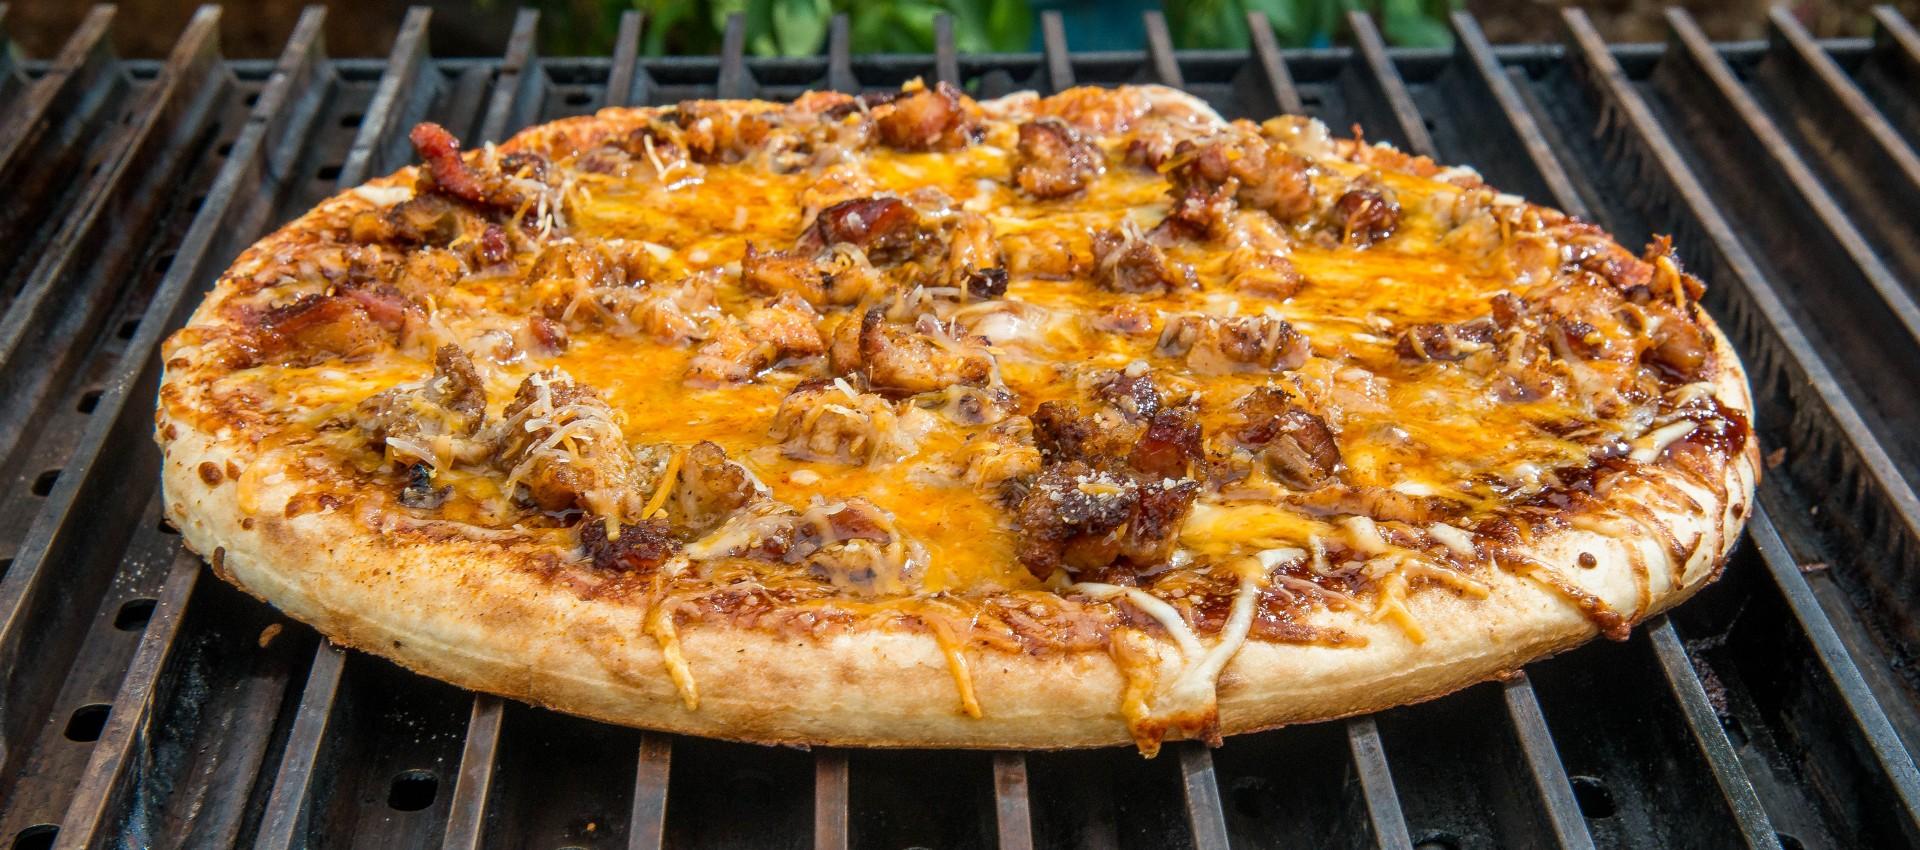 BBQ Pizza on GrillGrates